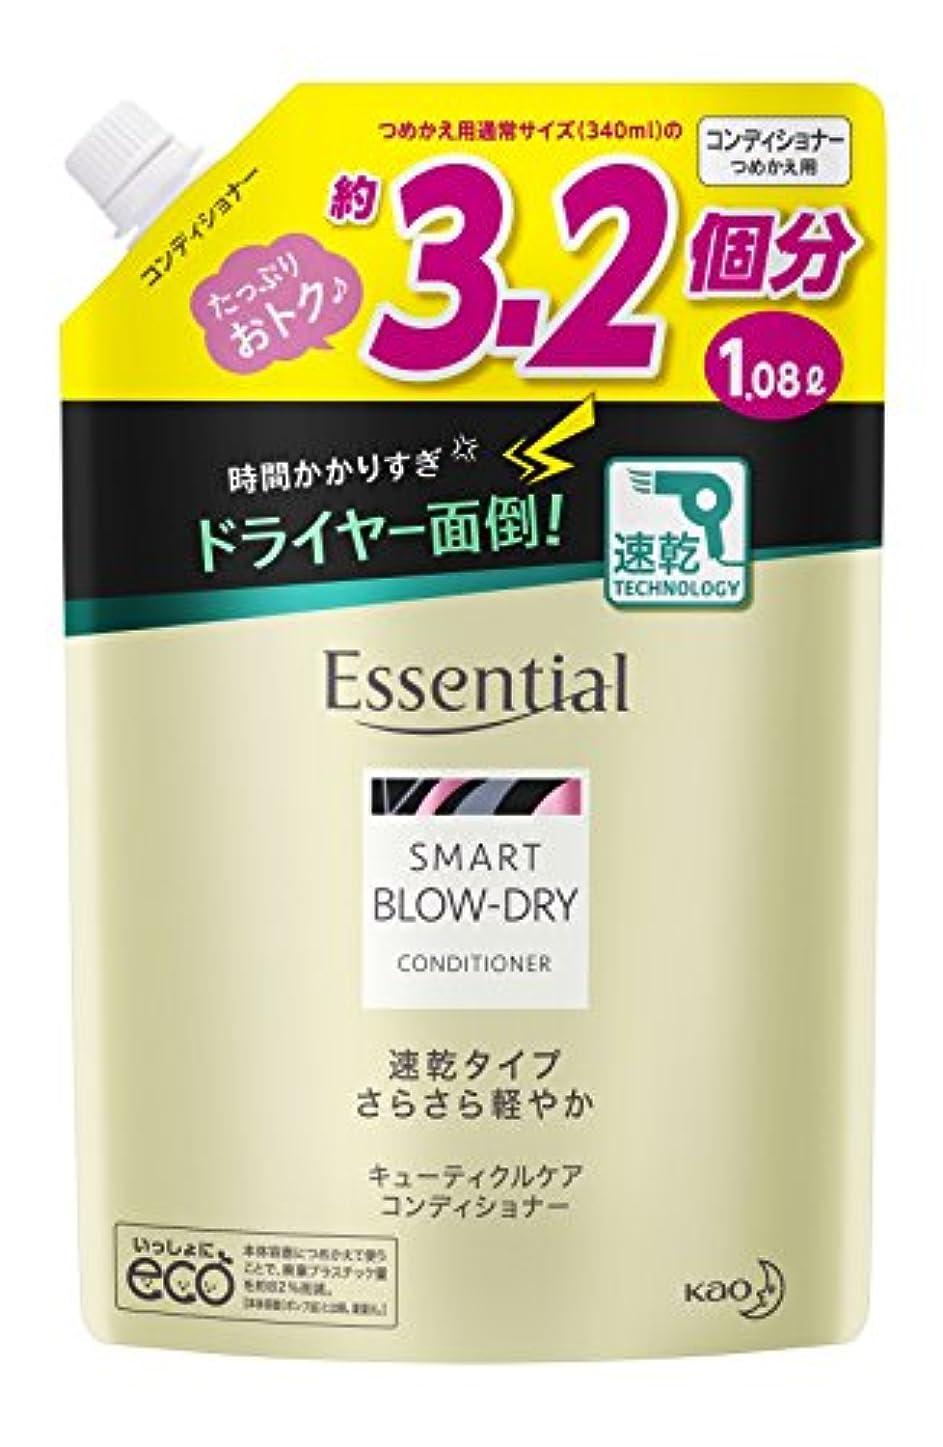 【大容量】 エッセンシャル スマートブロードライ コンディショナー ポンプ 1080ml